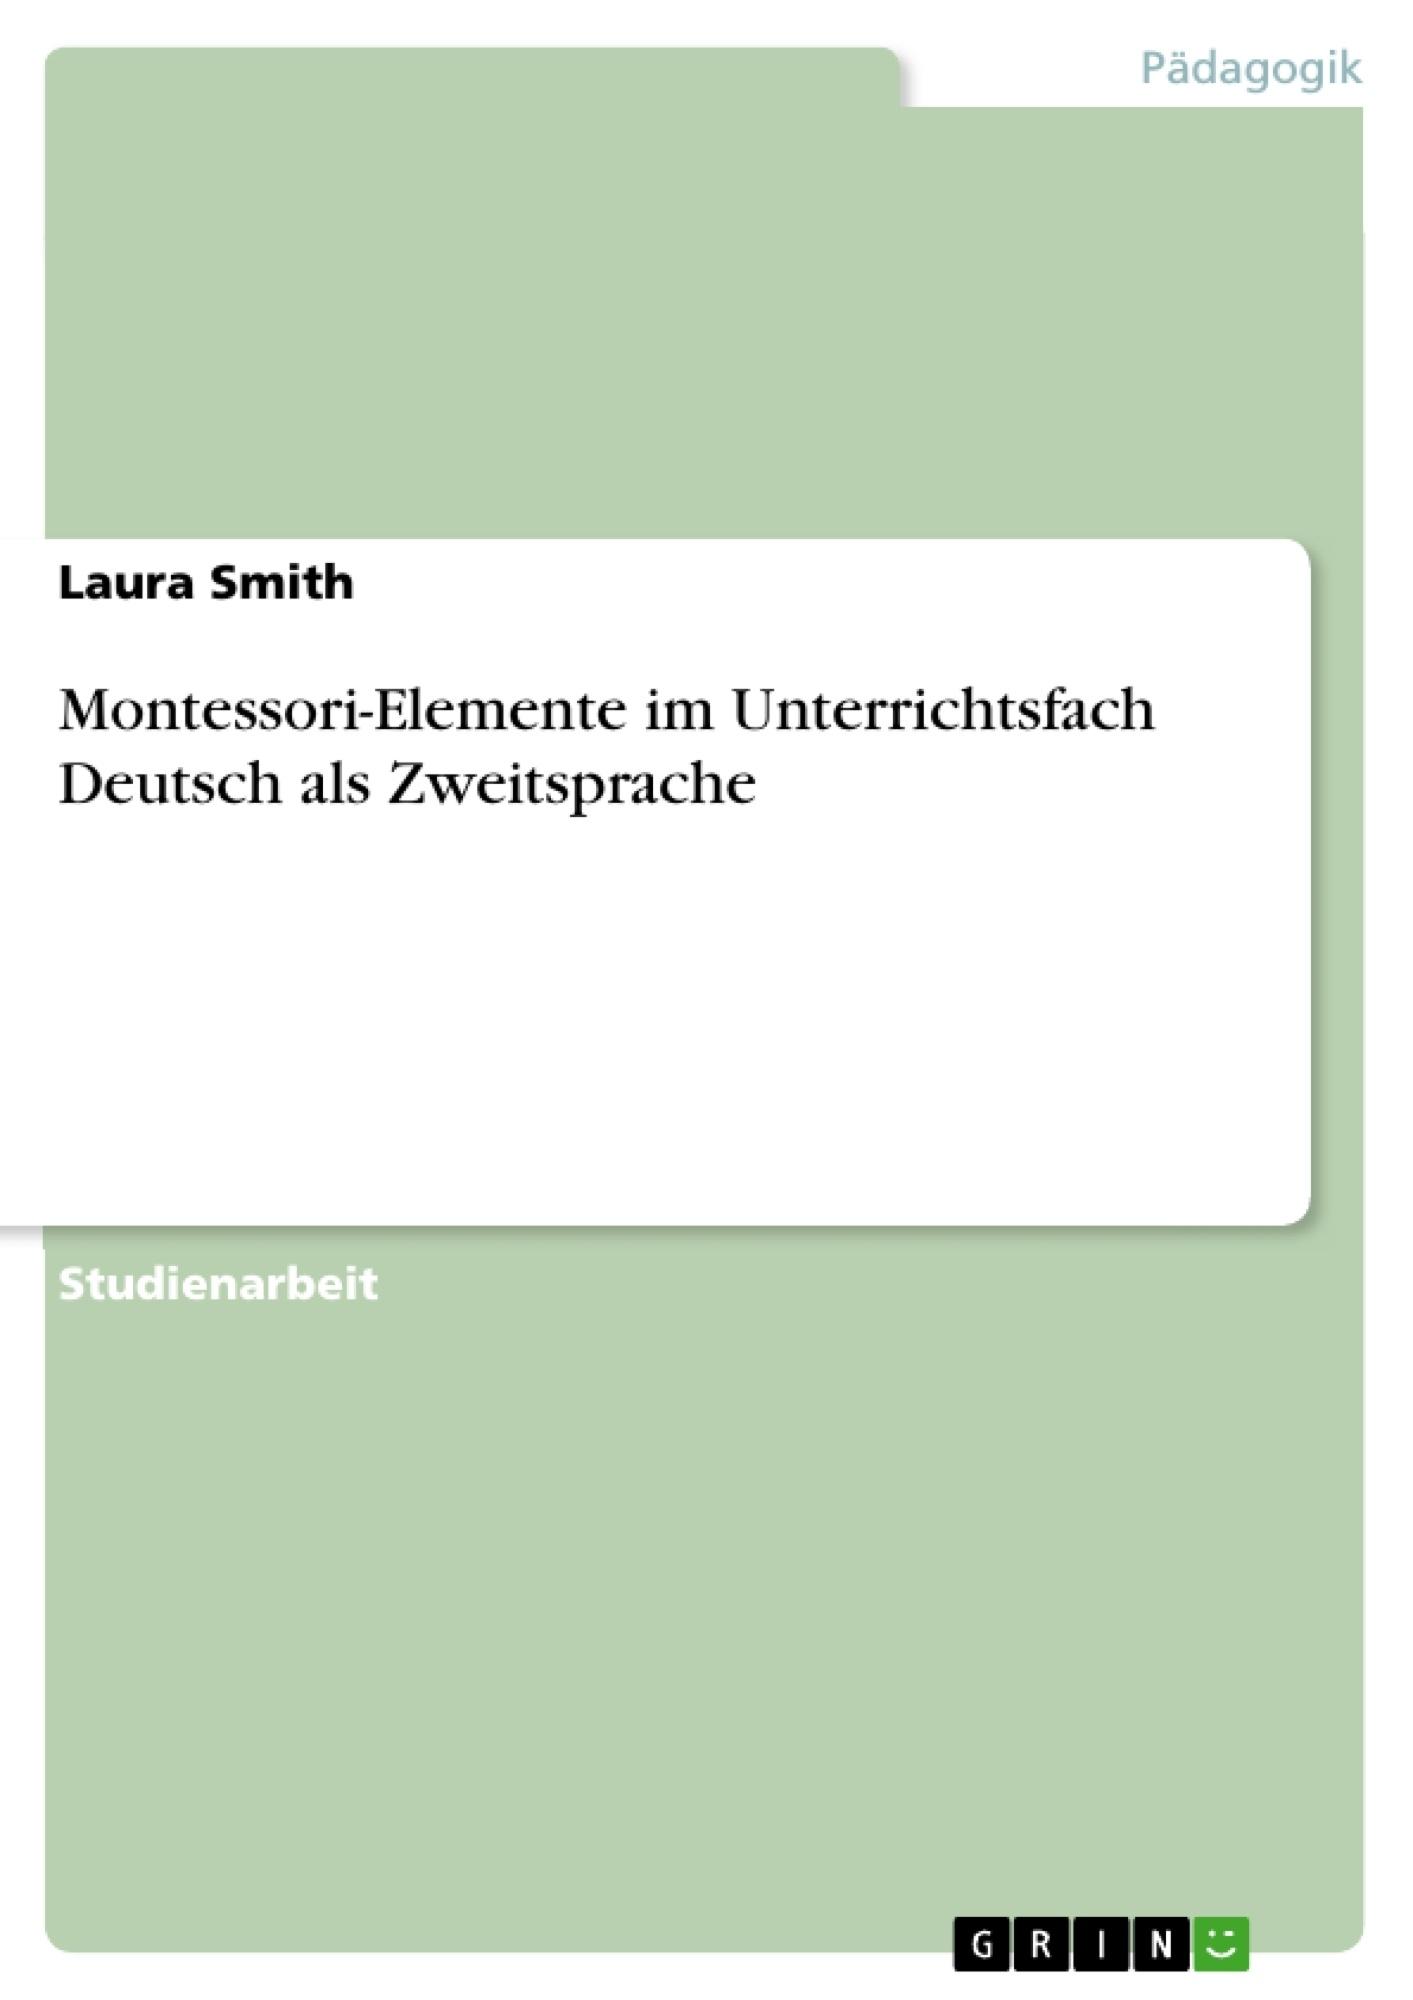 Titel: Montessori-Elemente im Unterrichtsfach Deutsch als Zweitsprache